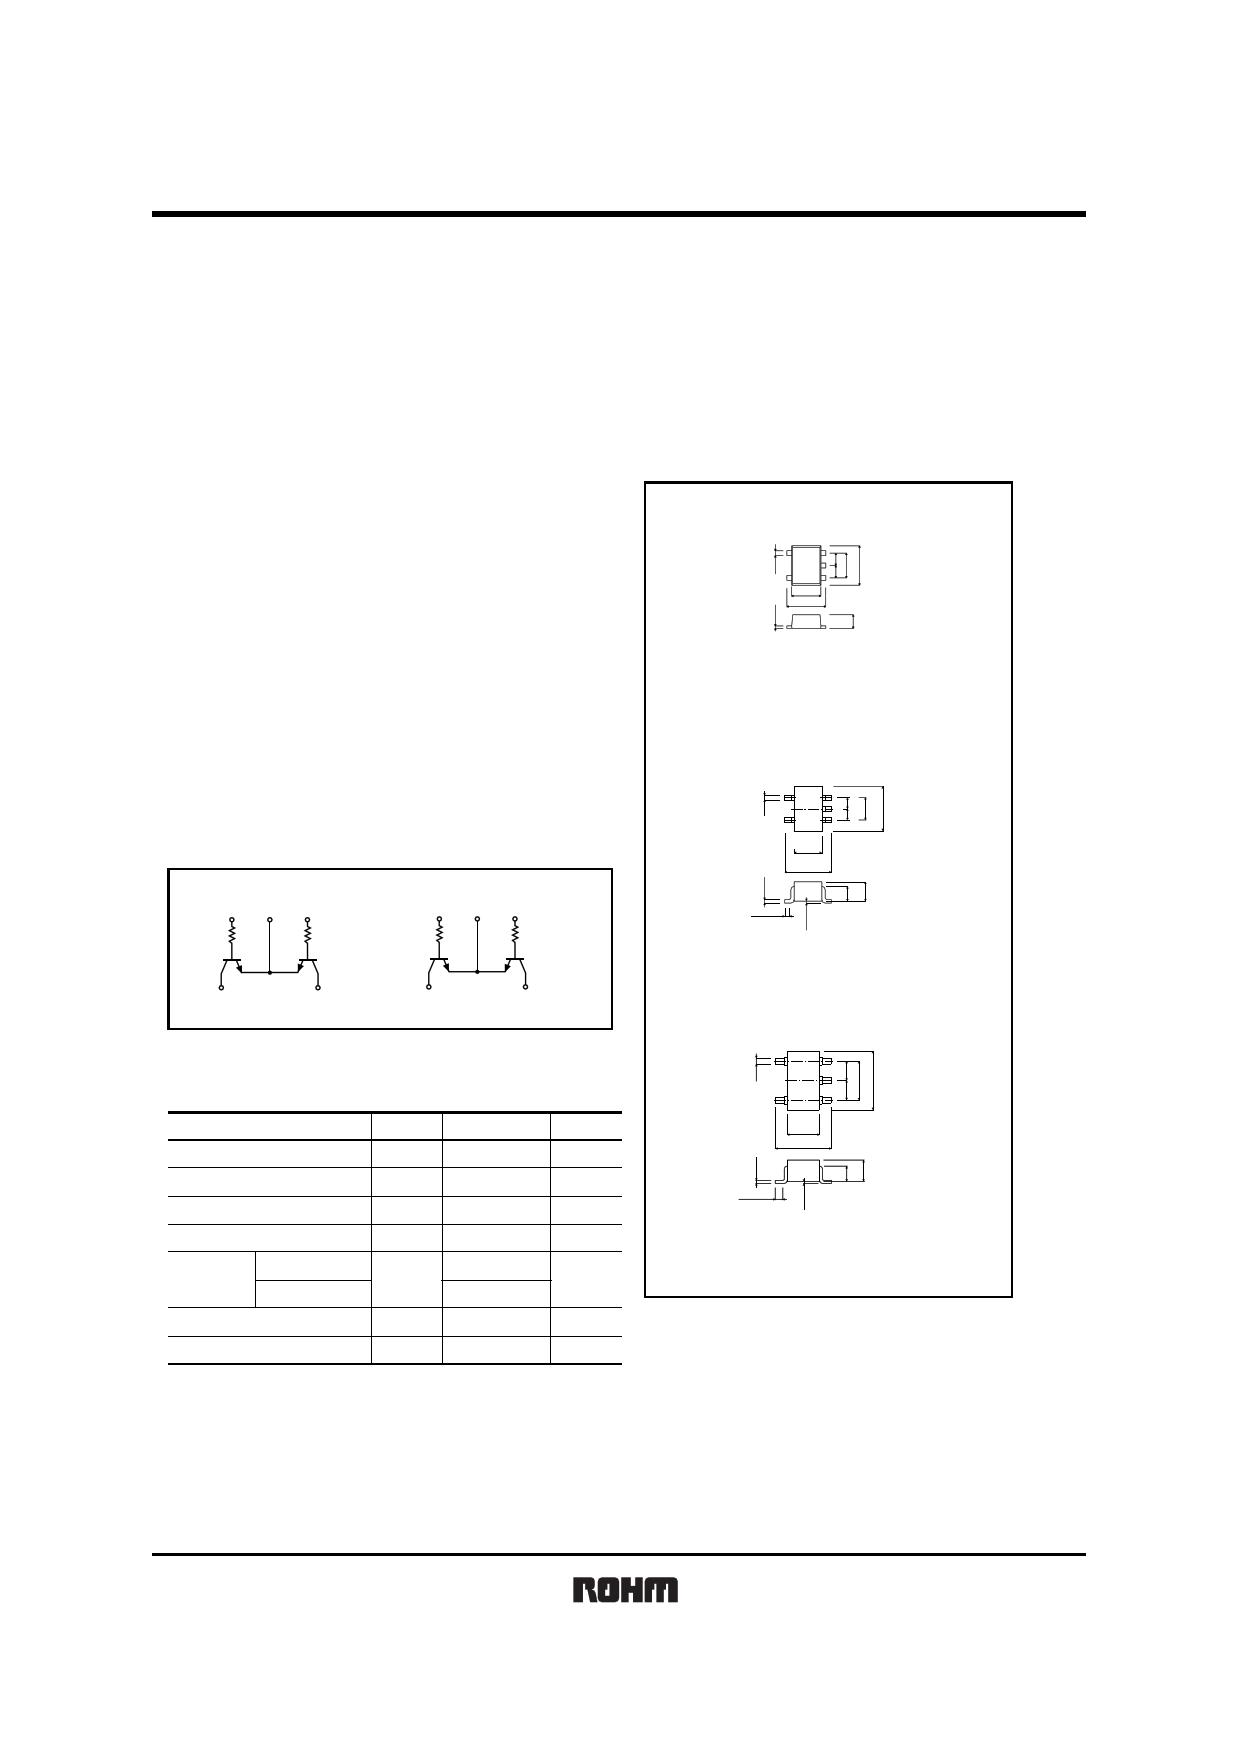 FMG3A دیتاشیت PDF